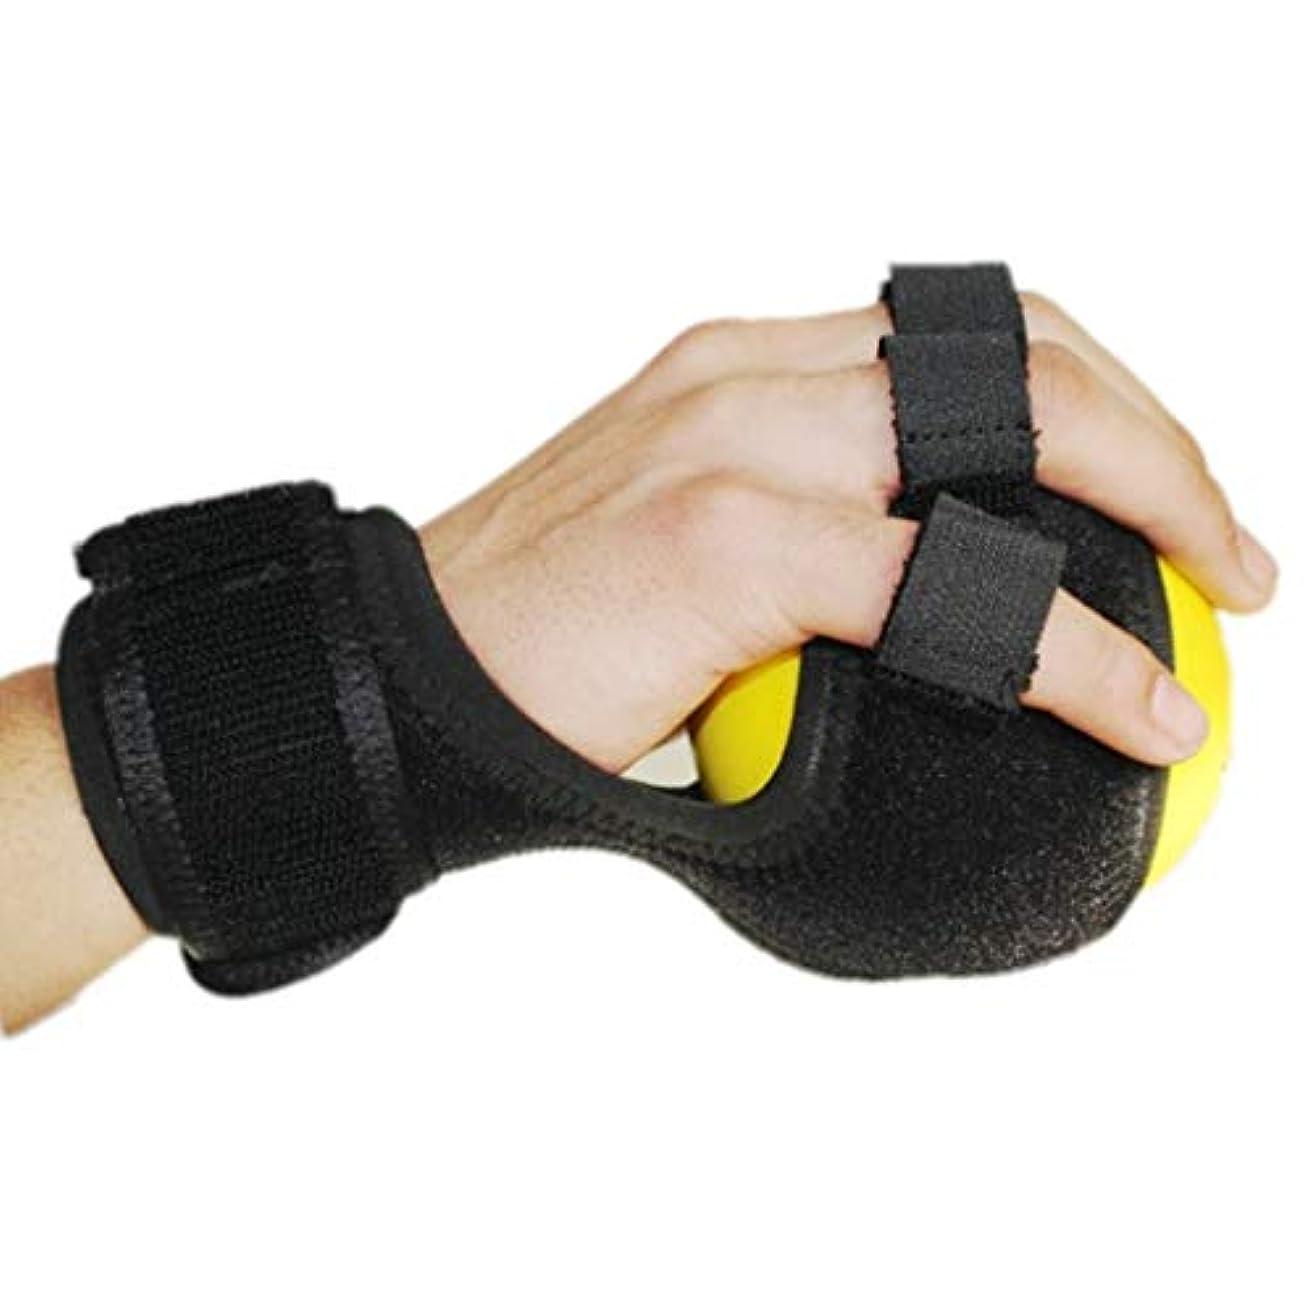 密ドラマ断線グリップボールは手をつない機能障害アンチスクワット指補正デバイスのデバイストレーニング機器ストローク片麻痺リハビリトレーニングデバイスを参照します